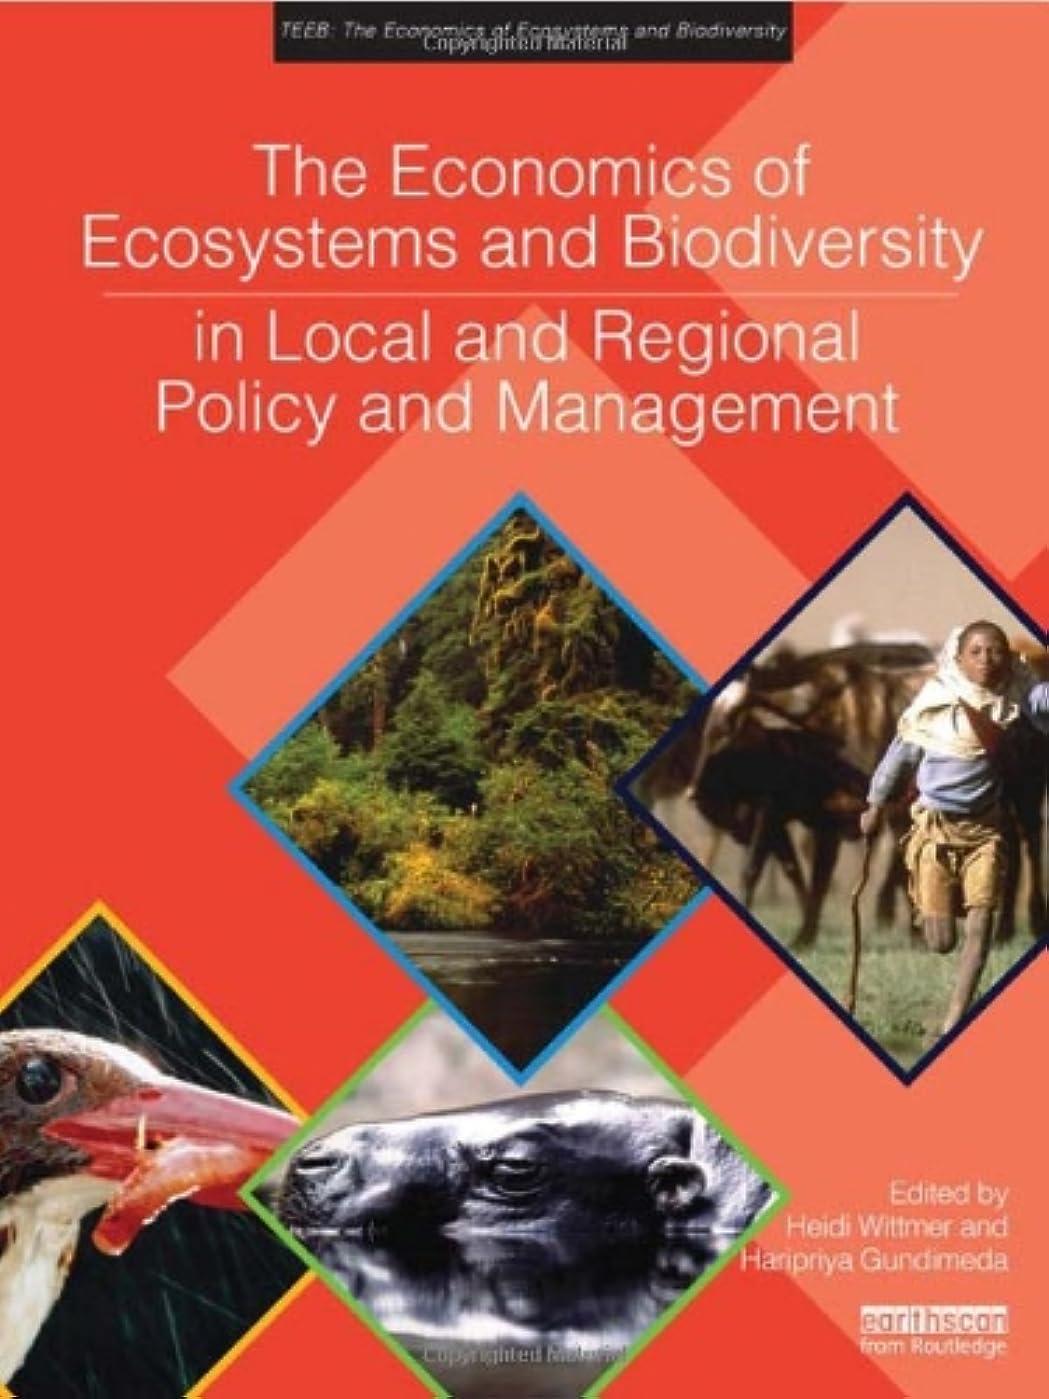 パターン貫入イデオロギーThe Economics of Ecosystems and Biodiversity in Local and Regional Policy and Management (TEEB - The Economics of Ecosystems and Biodiversity)